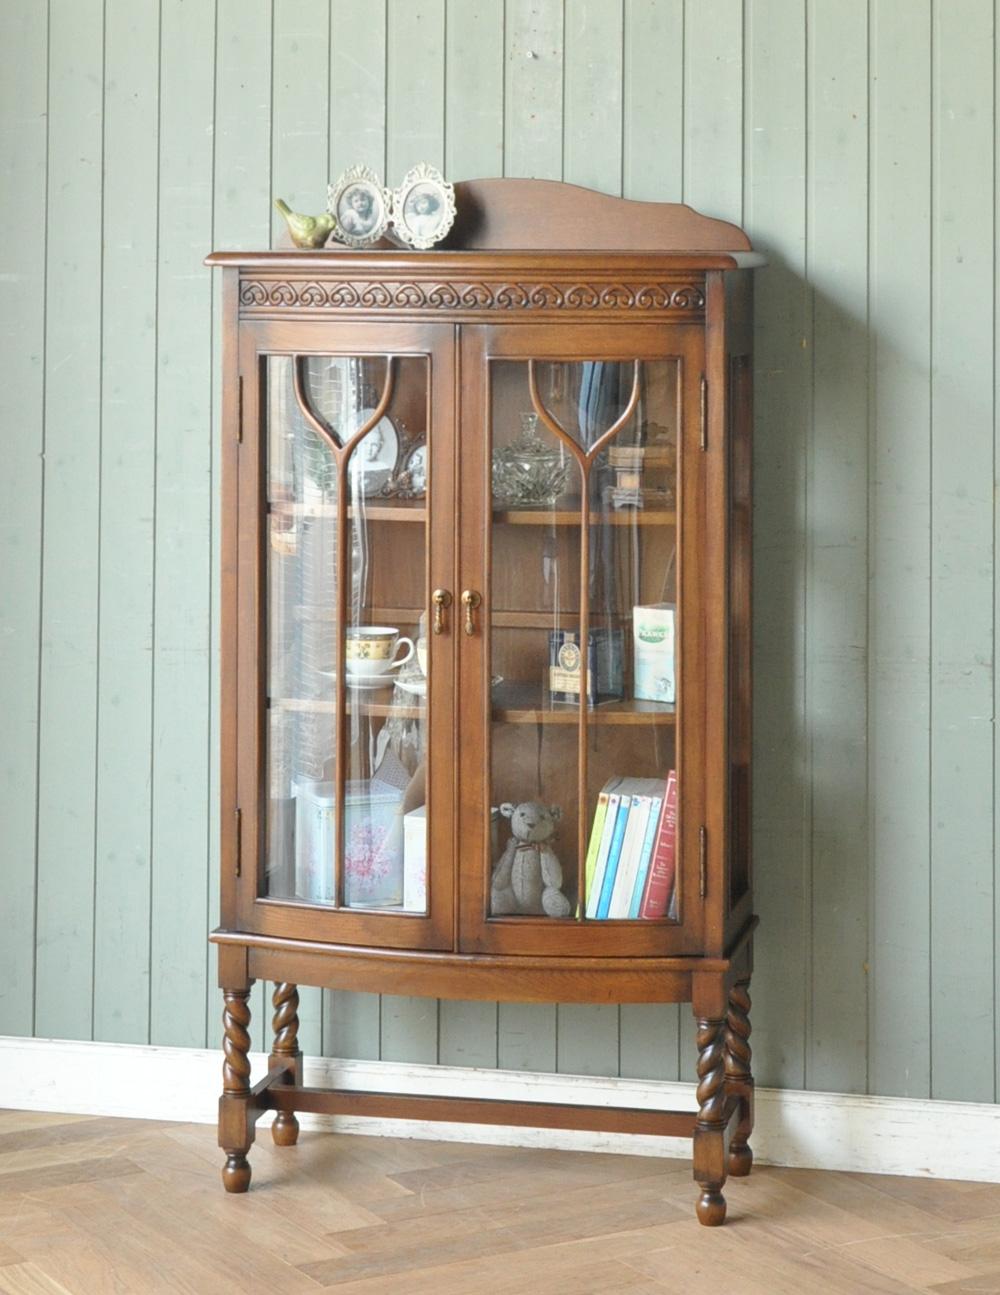 大切なものを飾るアンティーク風のガラスキャビネット(飾り棚)(y-103-f)|アンティーク風家具の廃盤商品